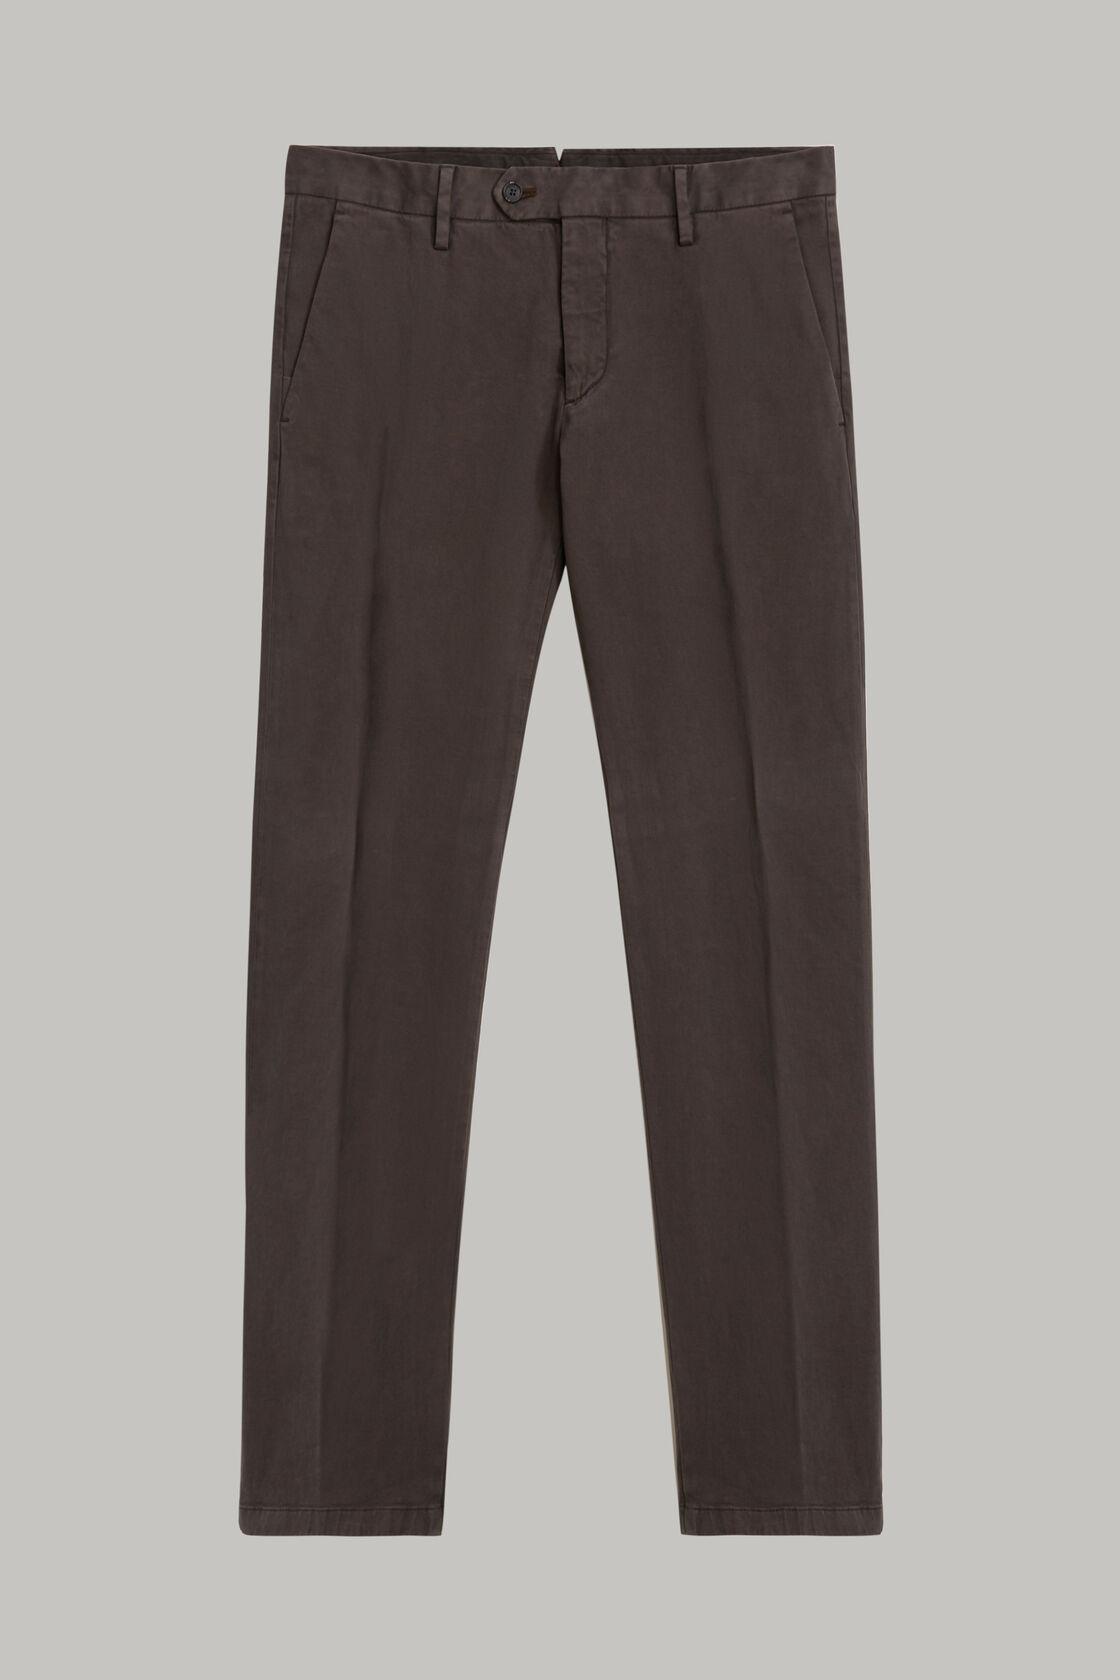 Pantaloni in raso di cotone elasticizzato regular, Antracite, hi-res